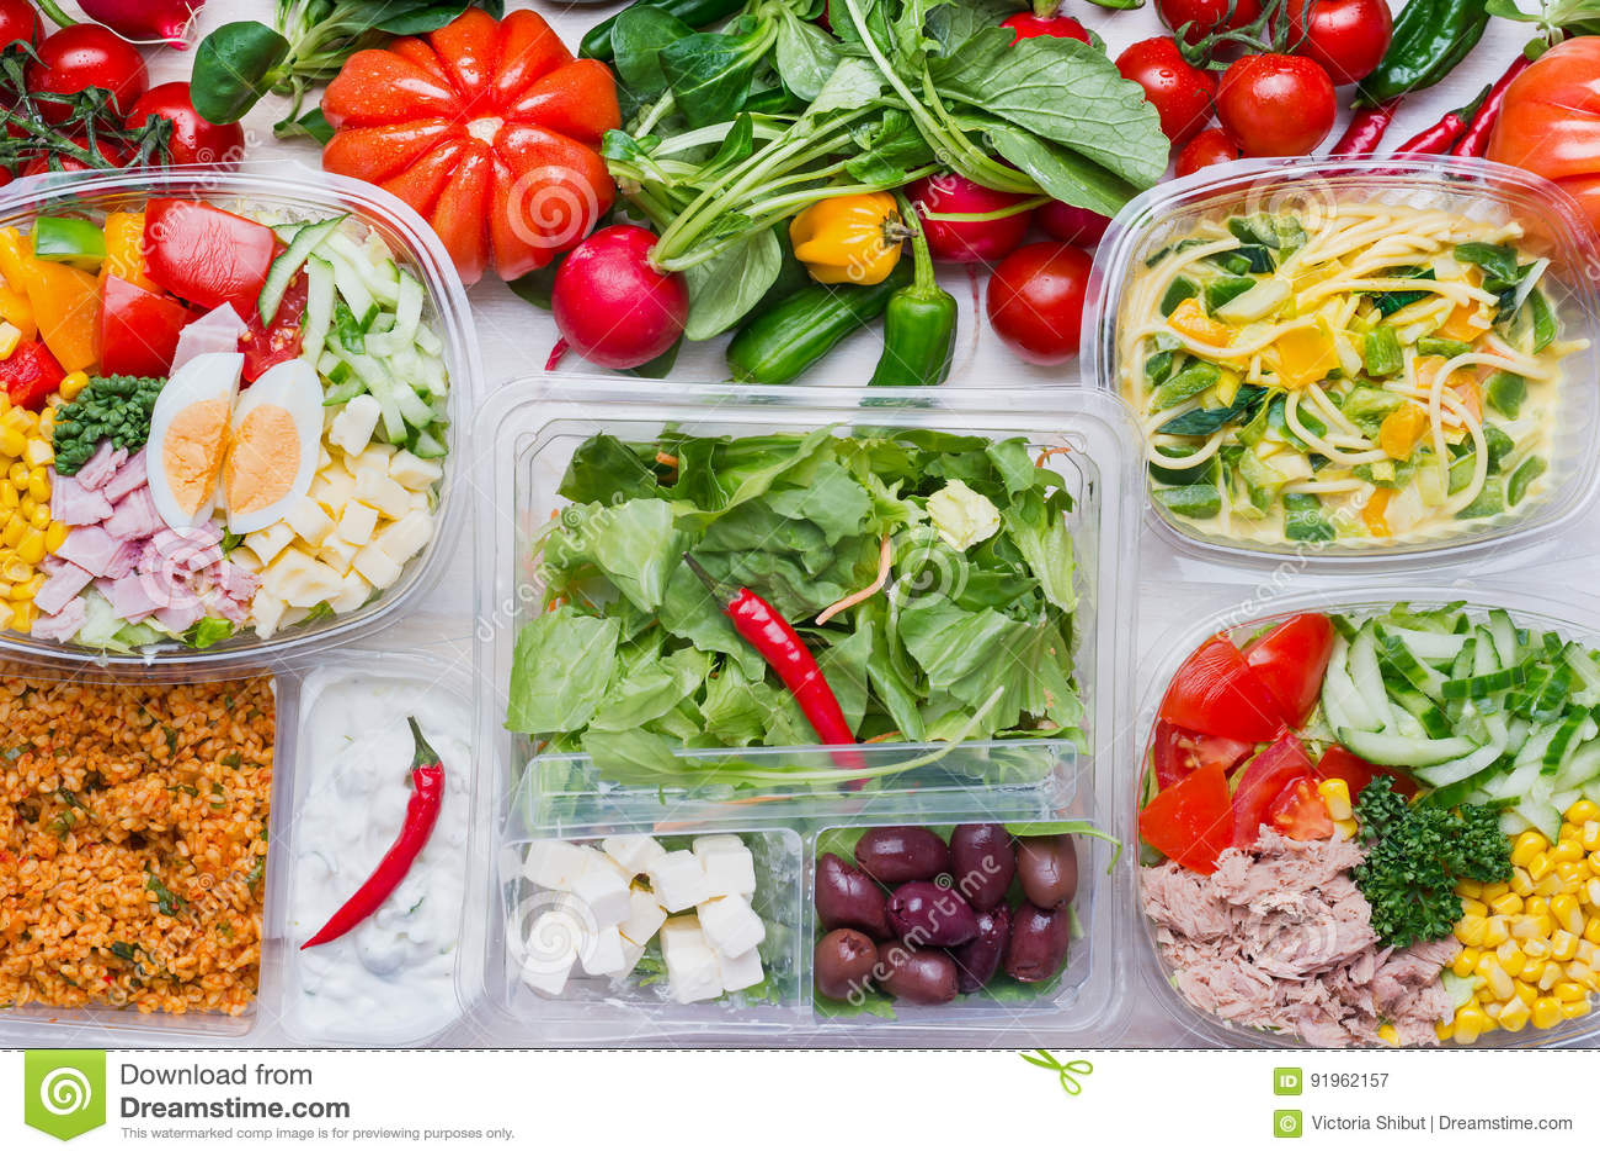 Diversa ensalada sana en los paquetes plásticos para el almuerzo de la dieta, visión superior Limpie el alimento biológico